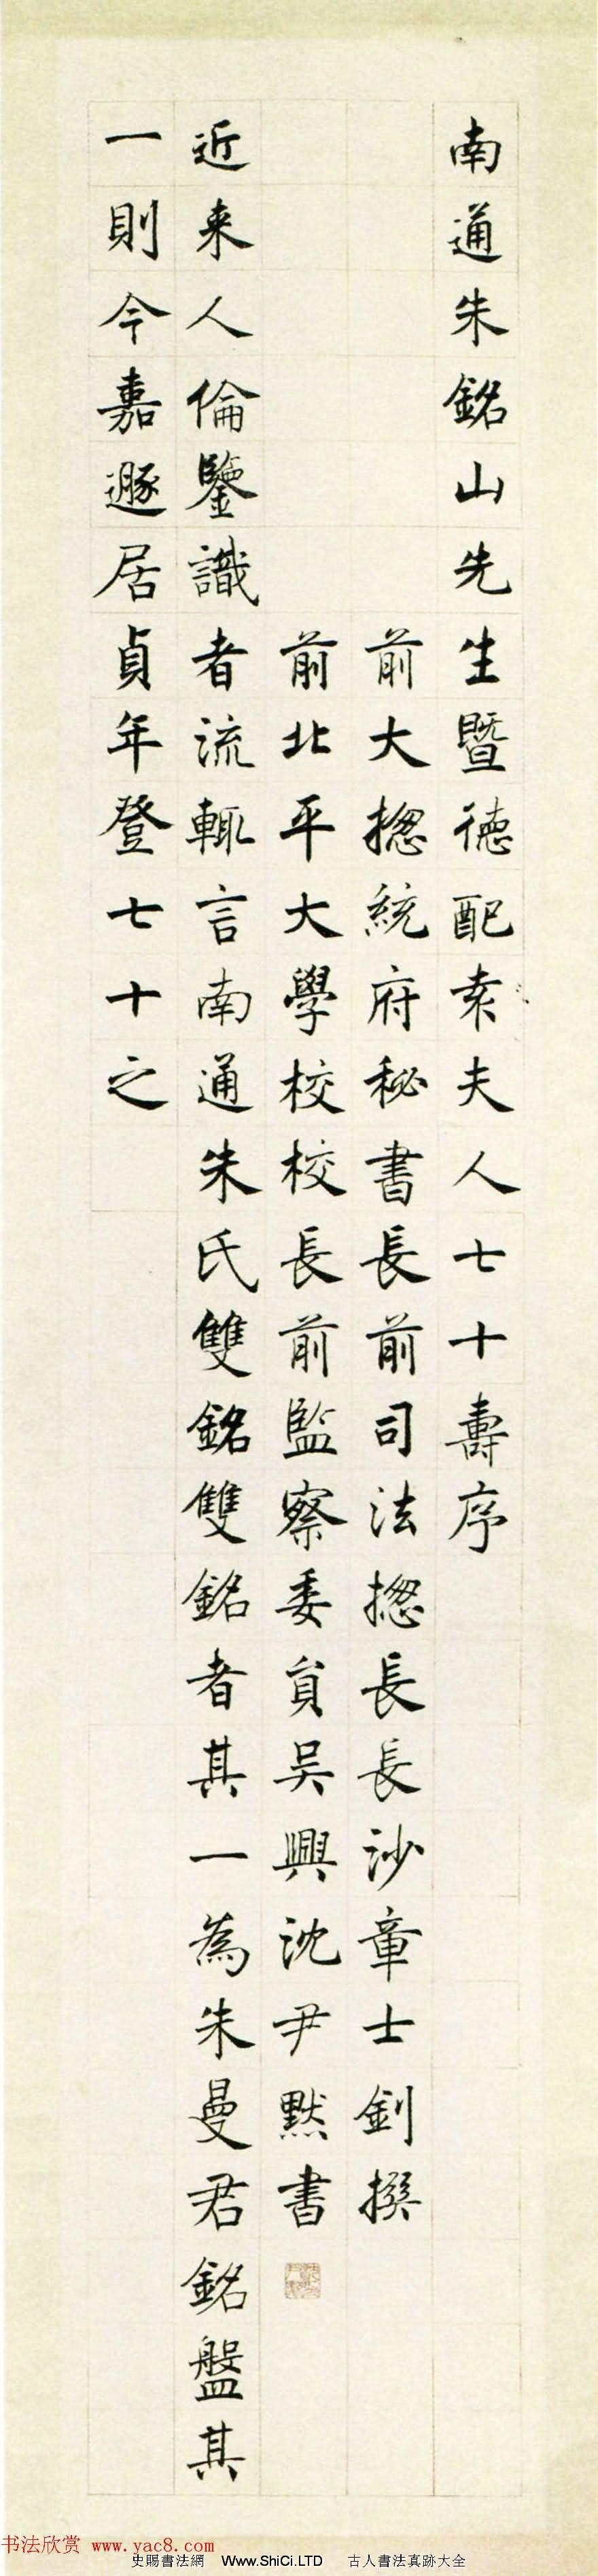 沈尹默細筆楷書書法大作字帖《祝壽序十屏》(共10張圖片)